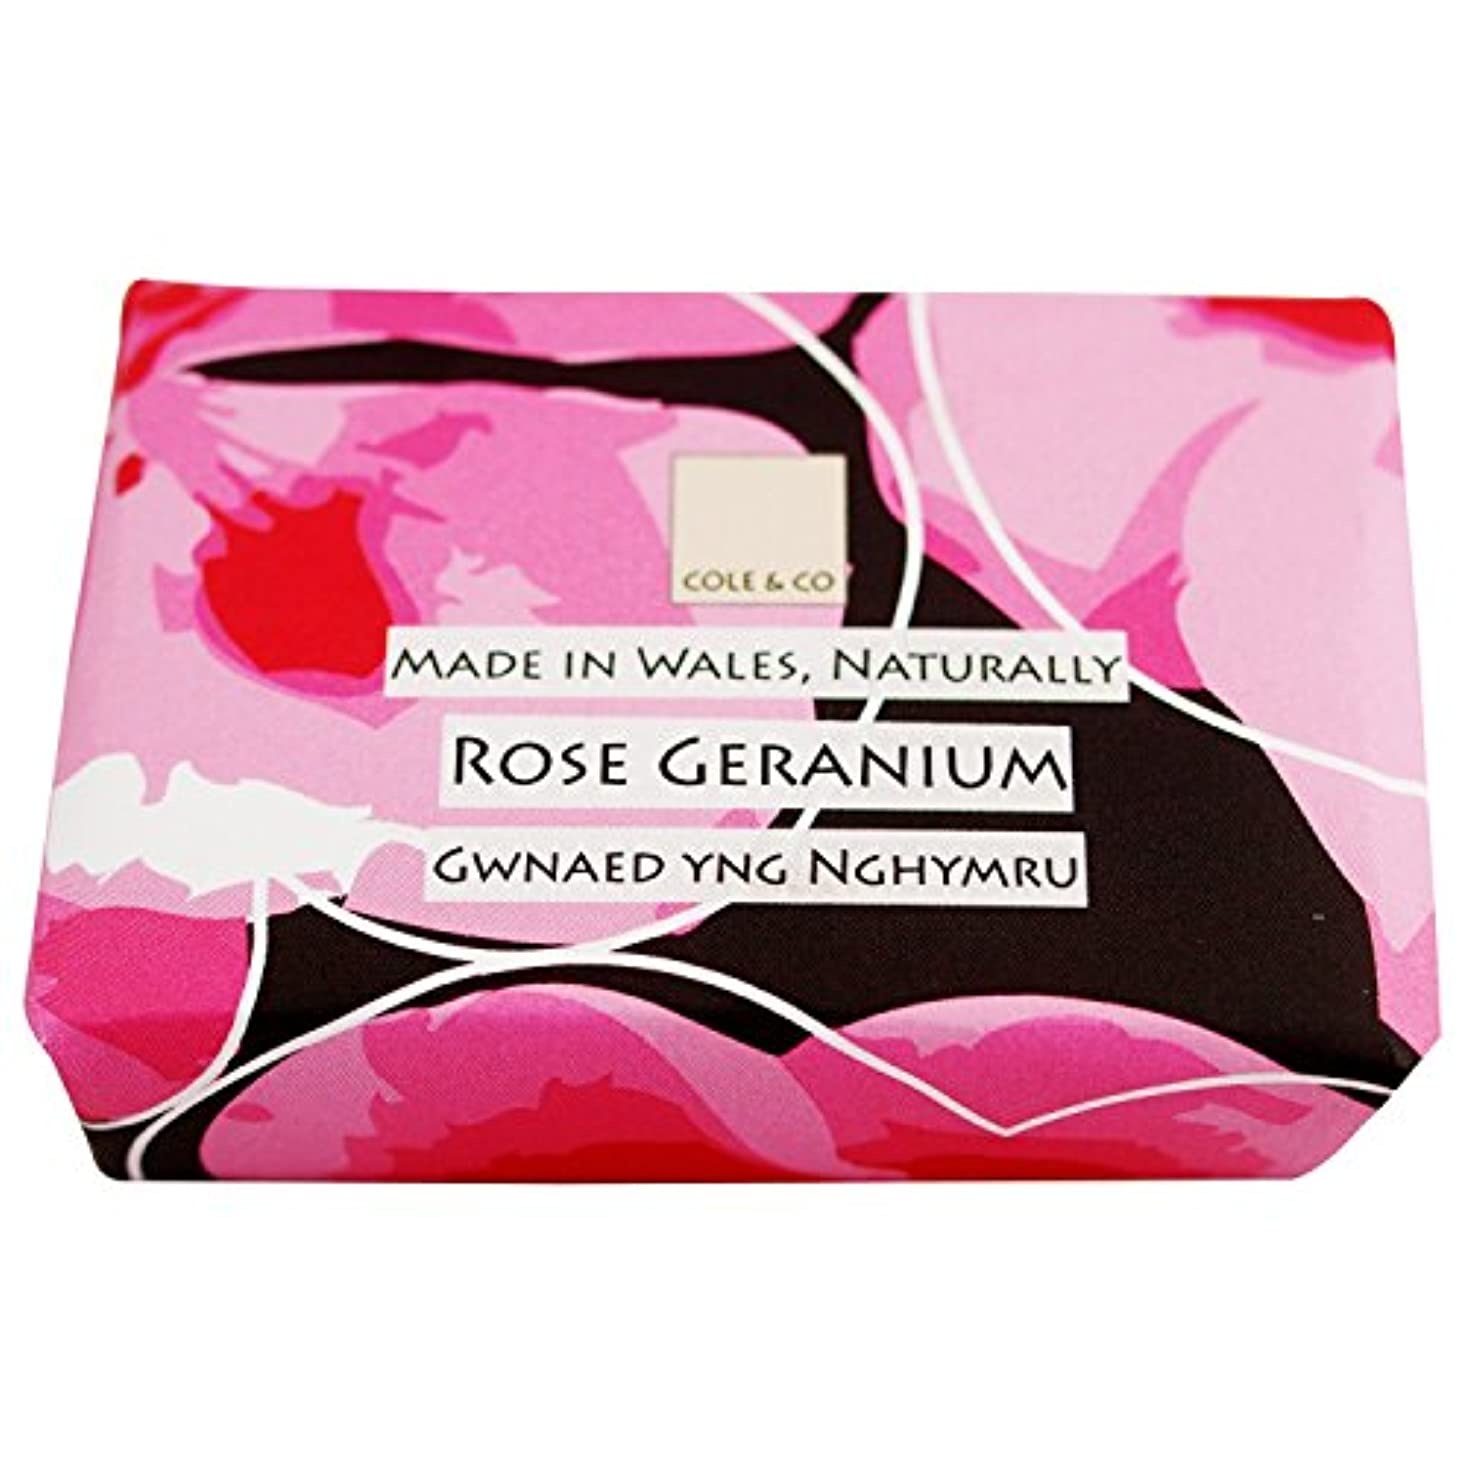 寄託打ち上げる不承認コール&Coはゼラニウム石鹸80グラムのバラ (Cole & Co) (x6) - Cole & Co Rose Geranium Soap 80g (Pack of 6) [並行輸入品]